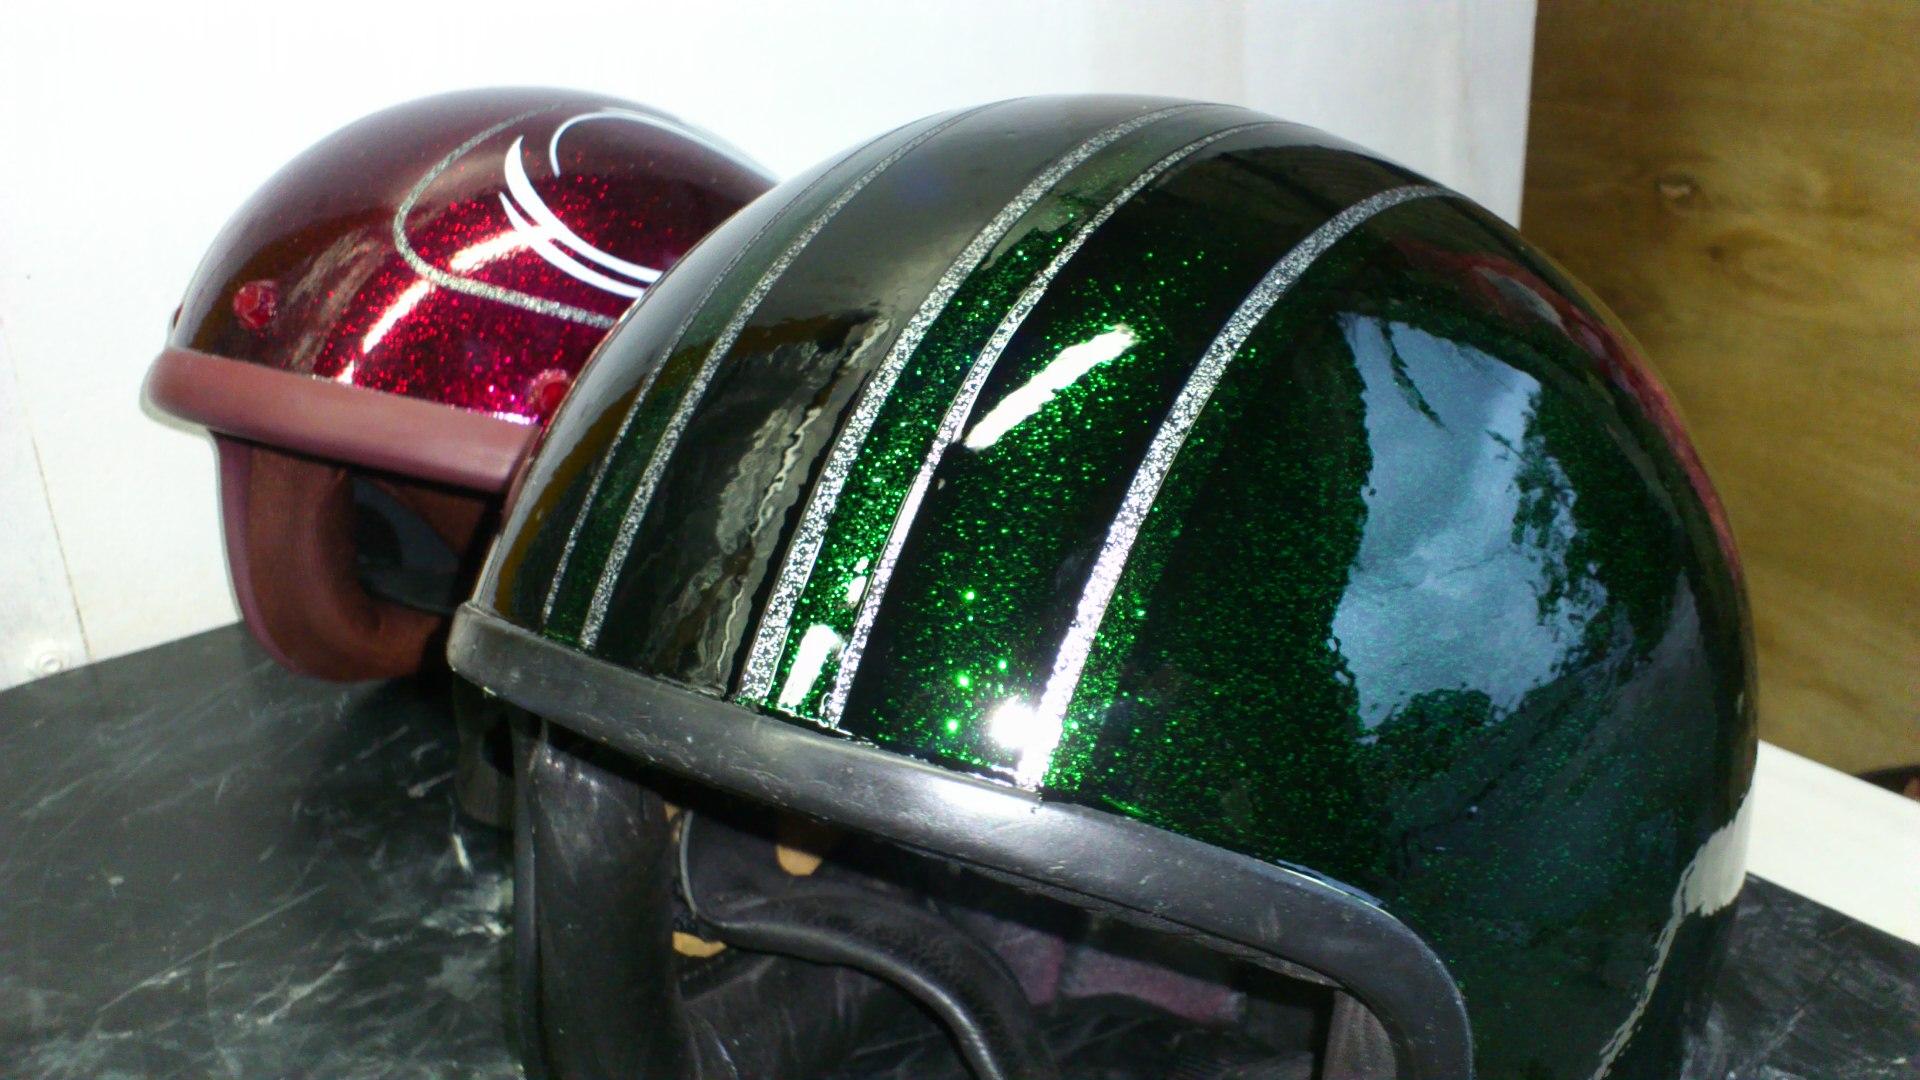 ヴィンテージヘルメット!?_e0269313_19424612.jpg